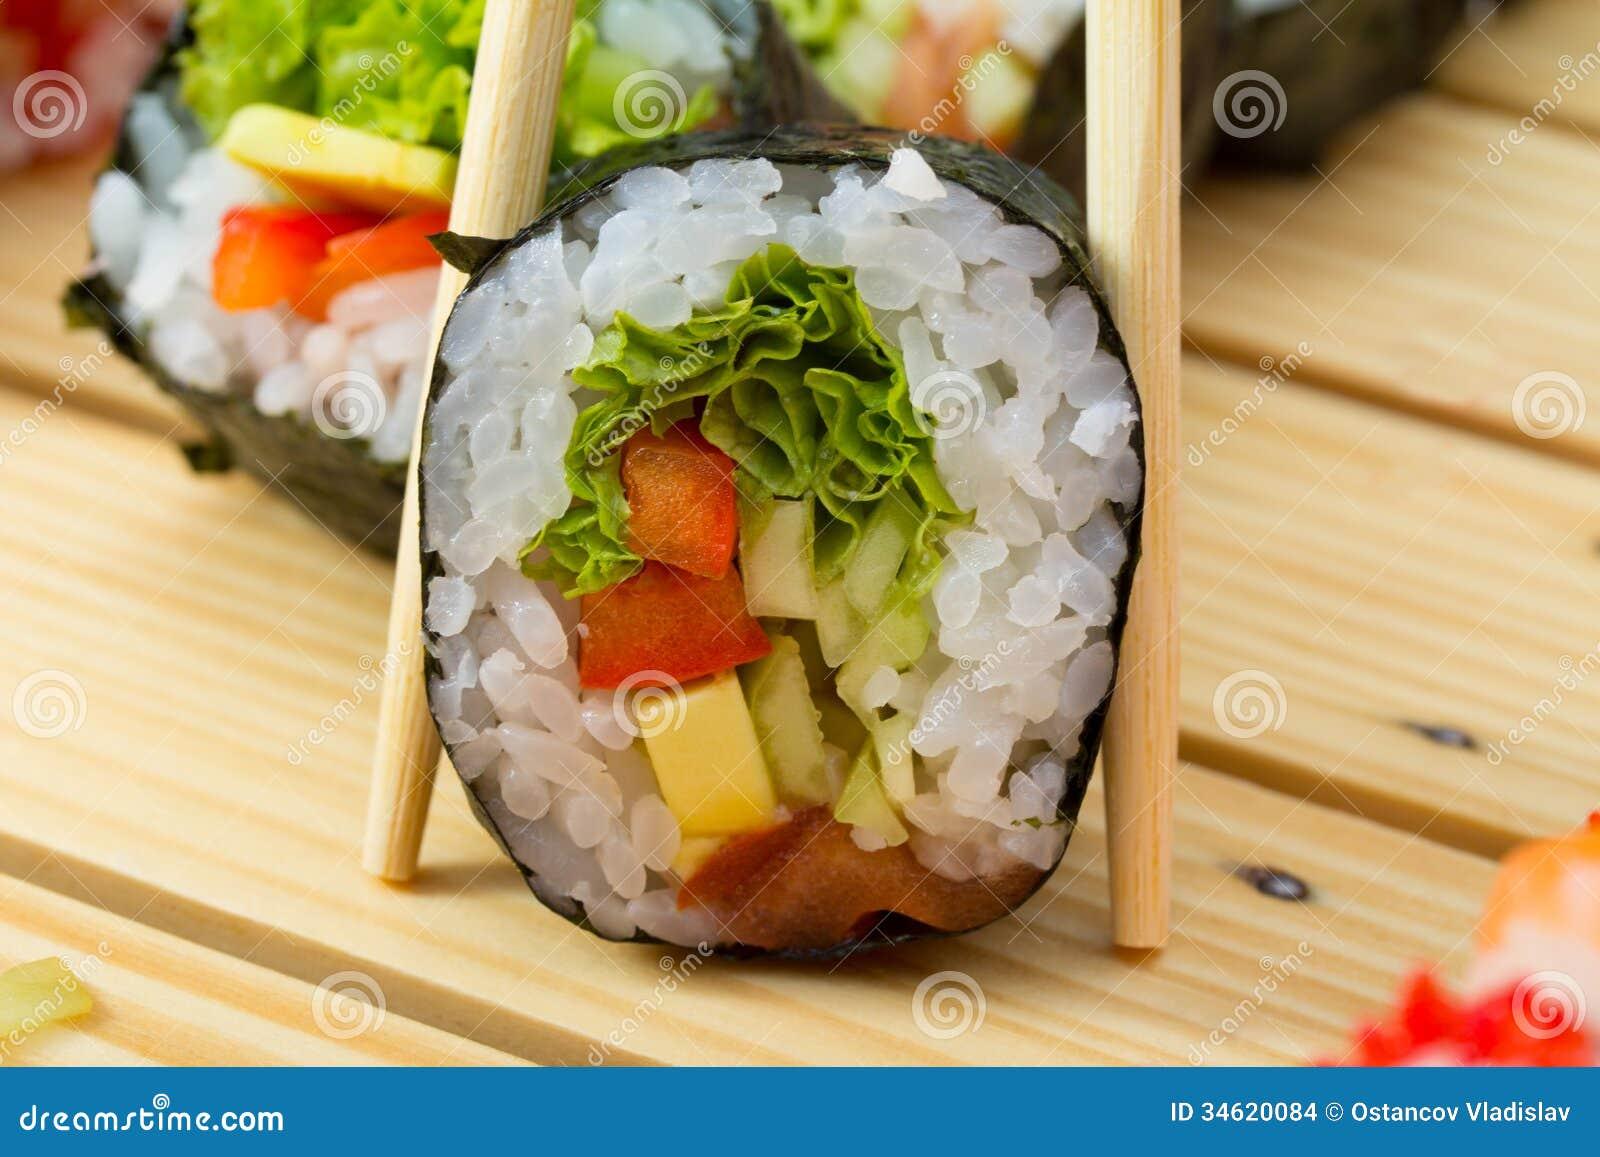 sushi bowl sushi rice quinoa sushi vegetable sushi vegetable sushi